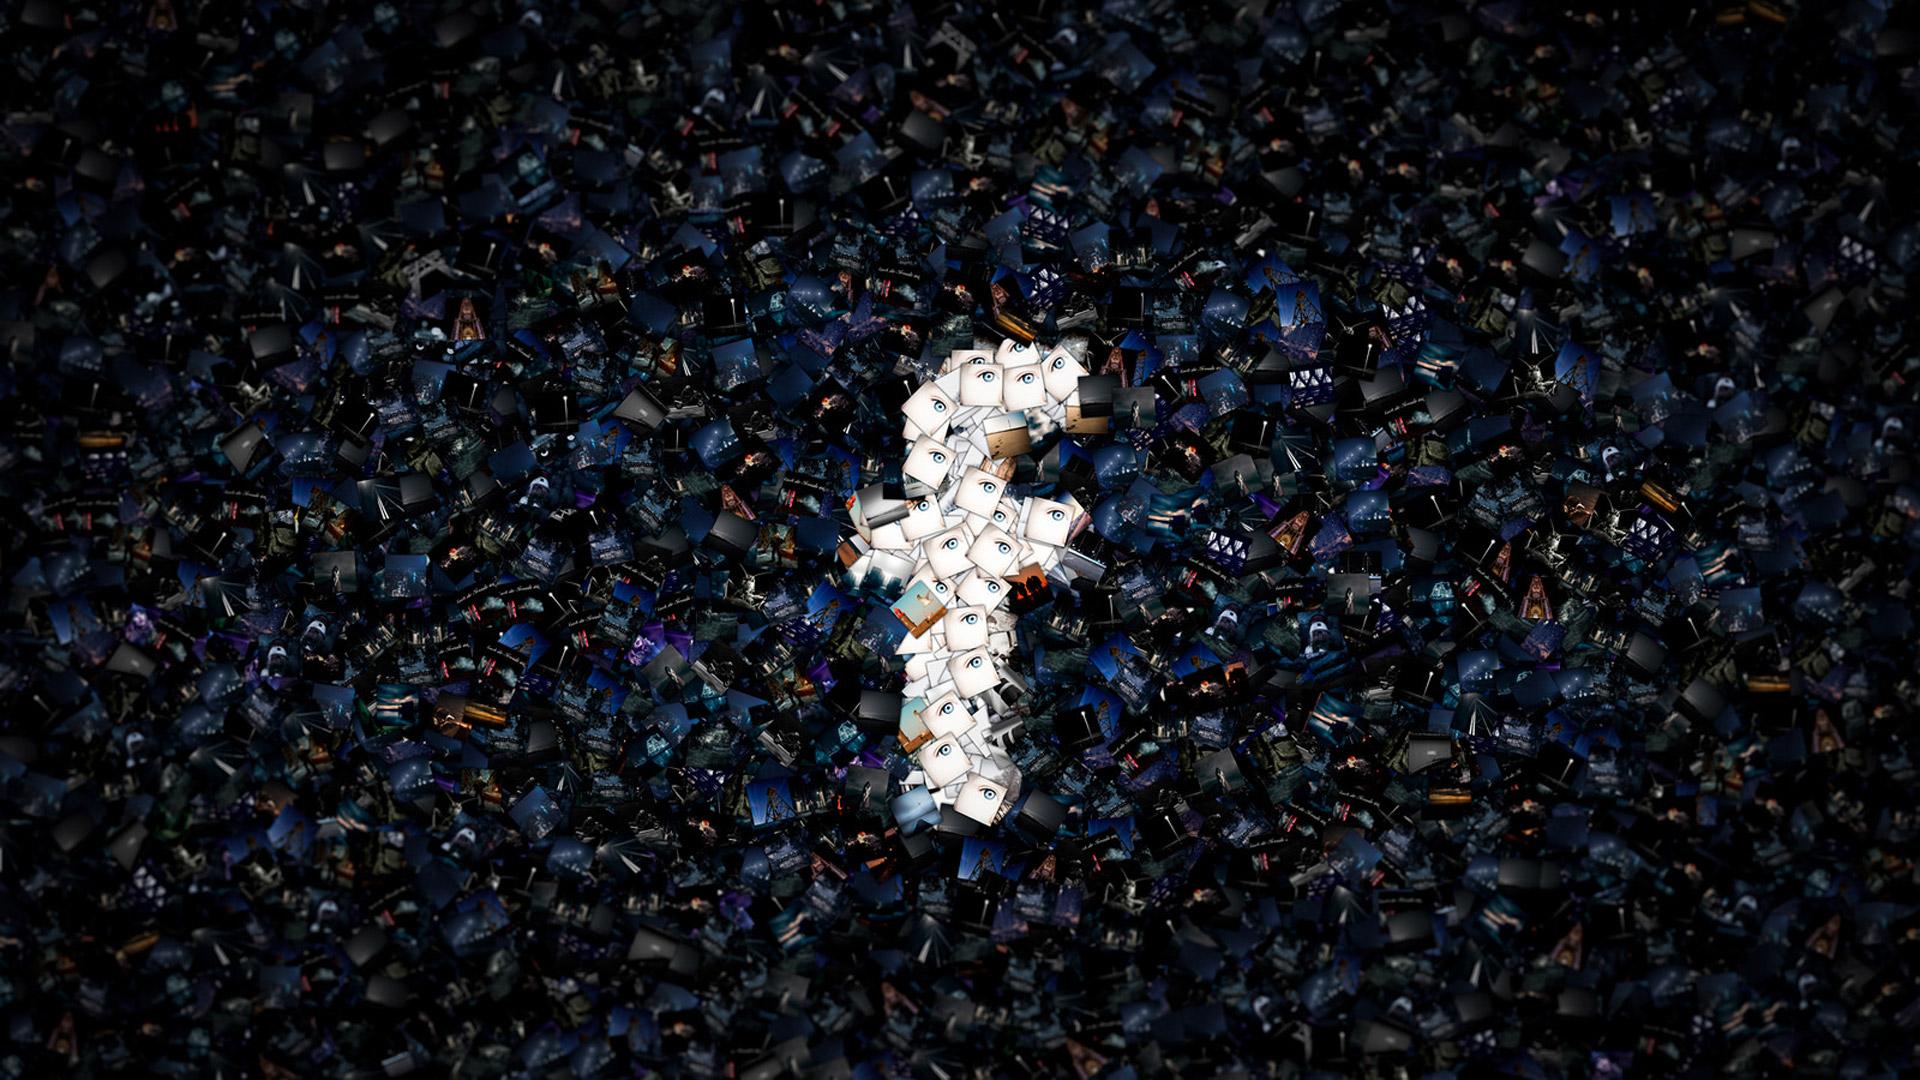 Facebook Digital Art 360x640 Resolution